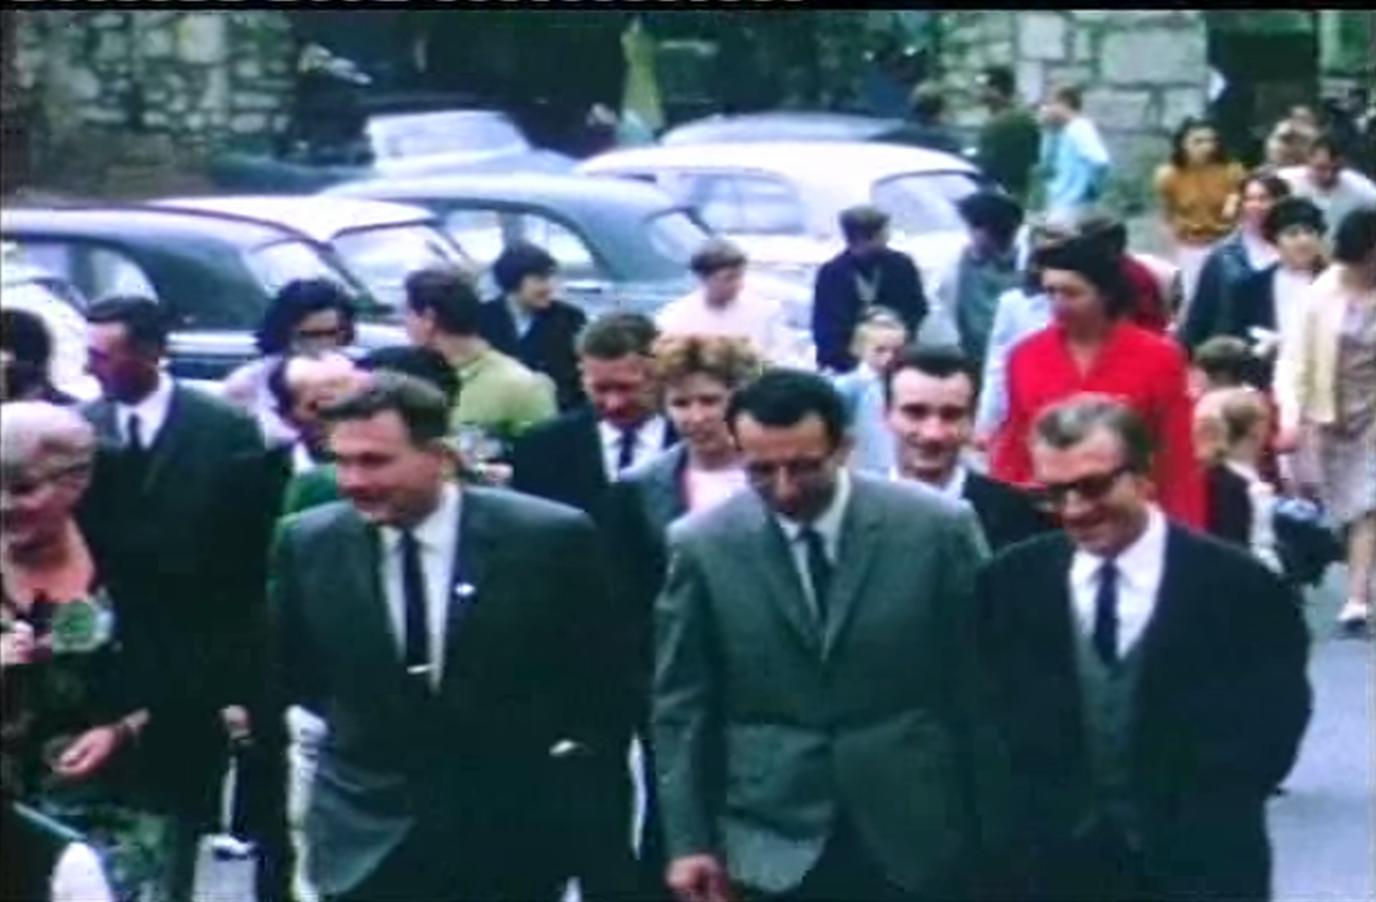 Allègre dans les années 60